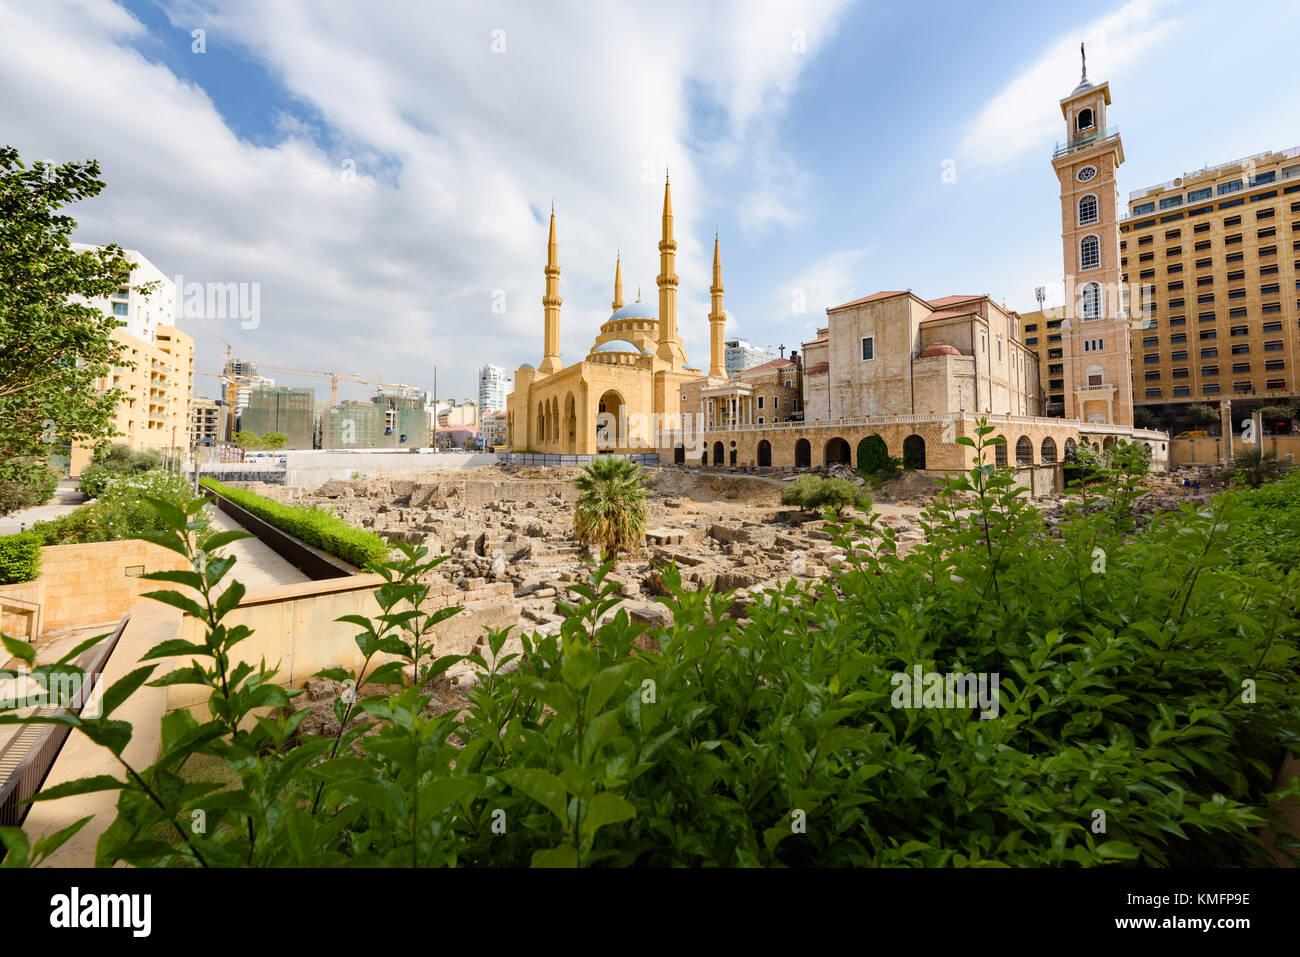 Saint George catedral maronita y Mohammad al amine mezquita azul entre ruinas romanas en el centro de Beirut, Líbano. Imagen De Stock